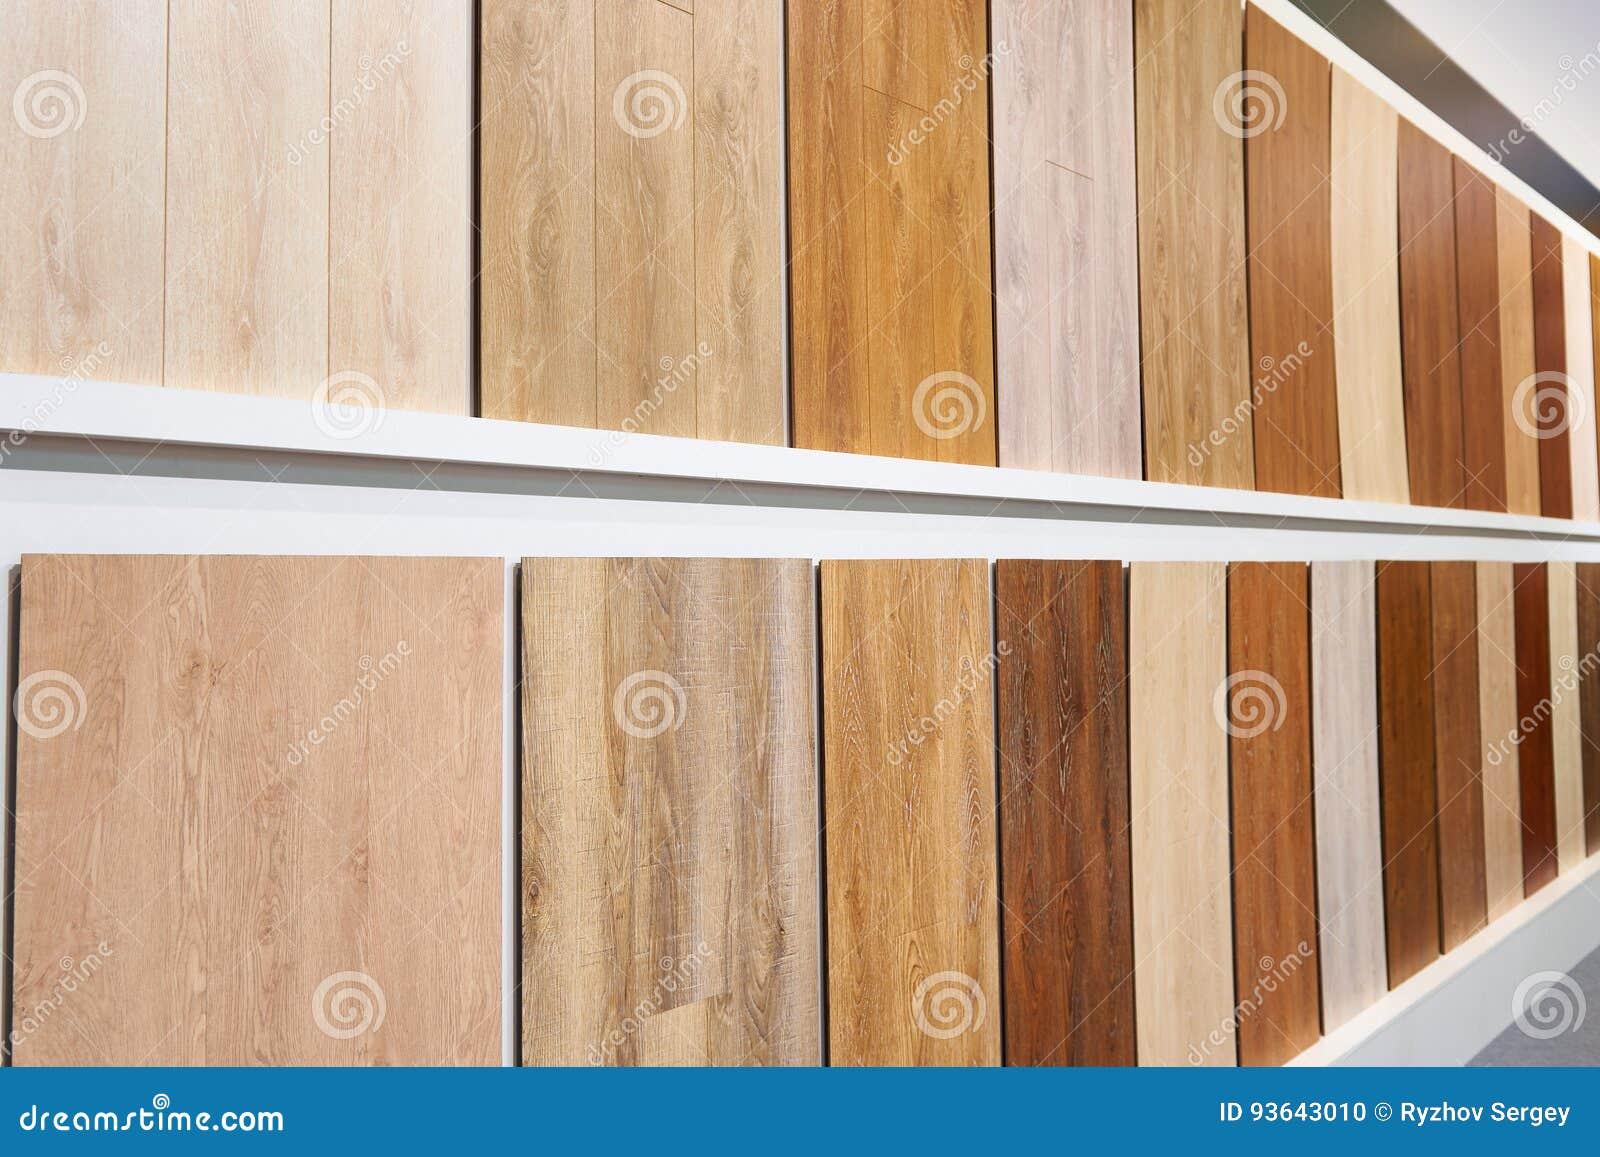 Los paneles de madera decorativos en las paredes en tienda - Paneles de madera decorativos ...